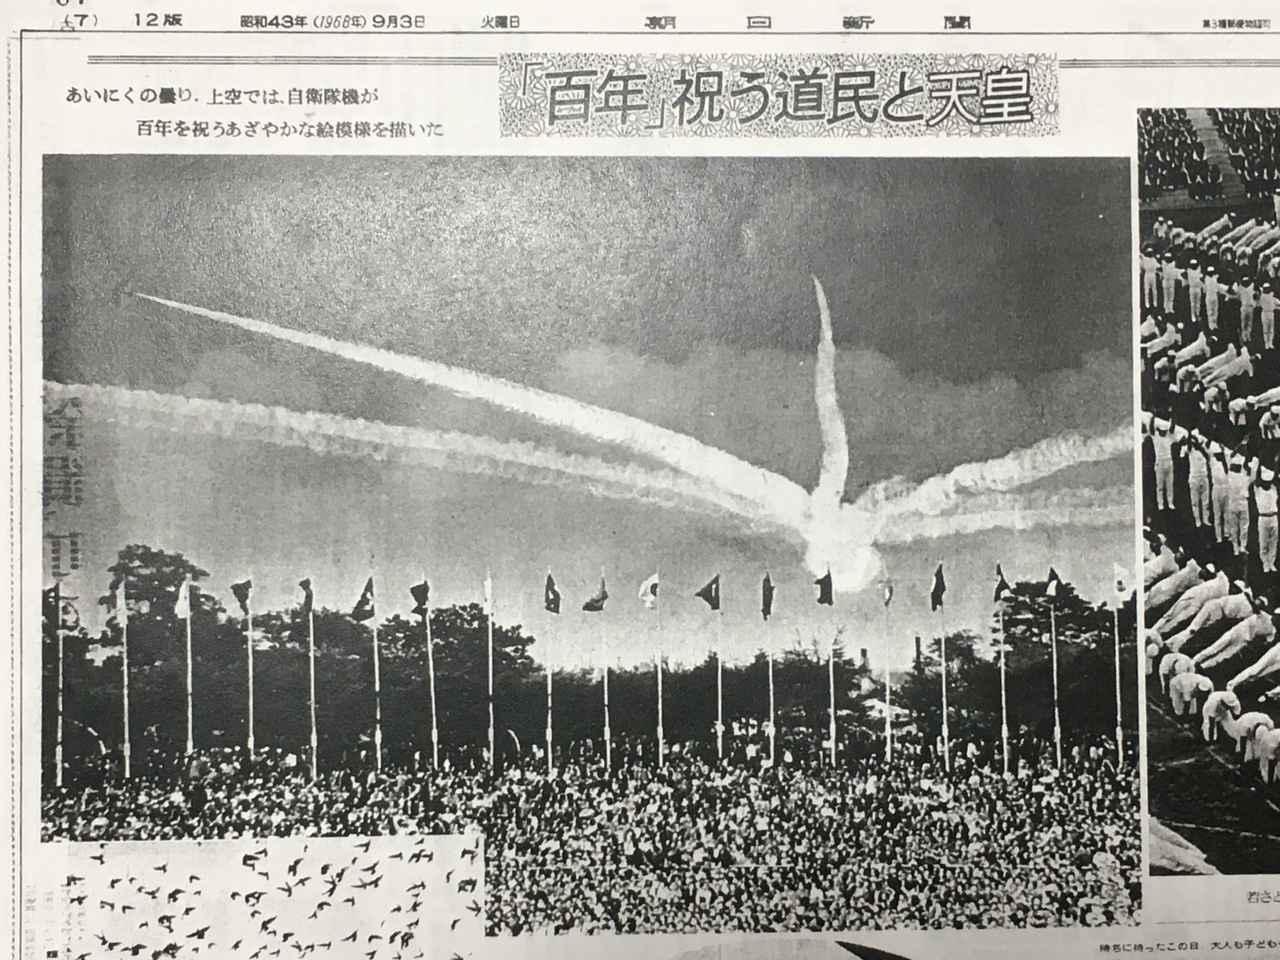 画像: 朝日新聞では水平開花(レベルオープナー)の印象的な写真が載っている。レイアウトの都合かブレークの右側をカットした大胆な構図だ。